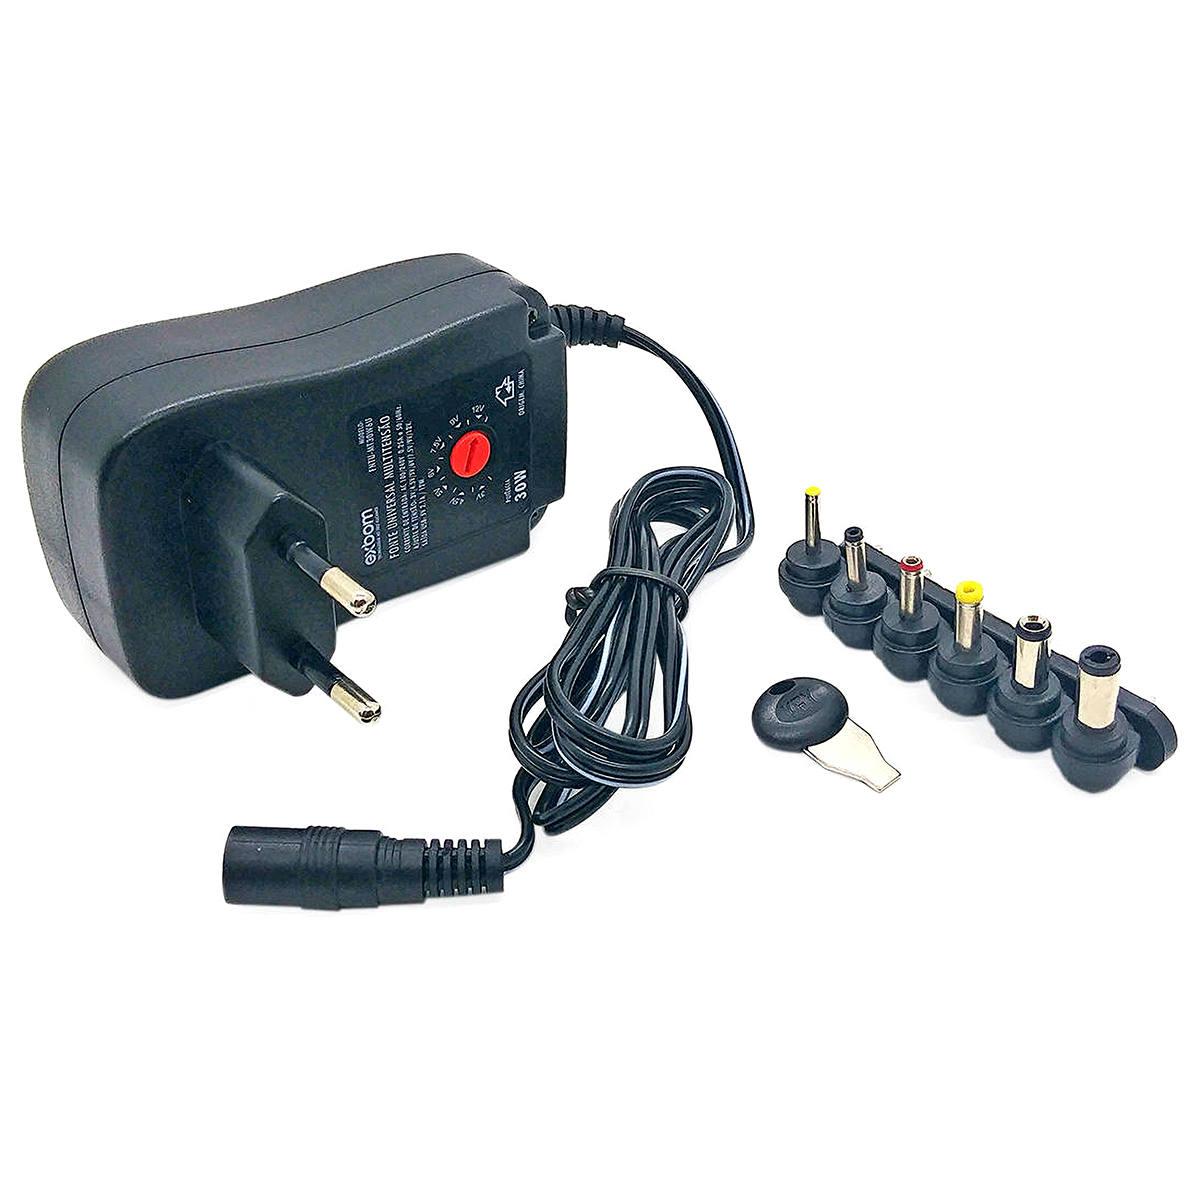 Fonte Universal Multi-tensão 30W Bivolt 6 Plugues 7 Ajustes de Tensão e Saída USB Exbom Carregador FNTU-MT30W6U